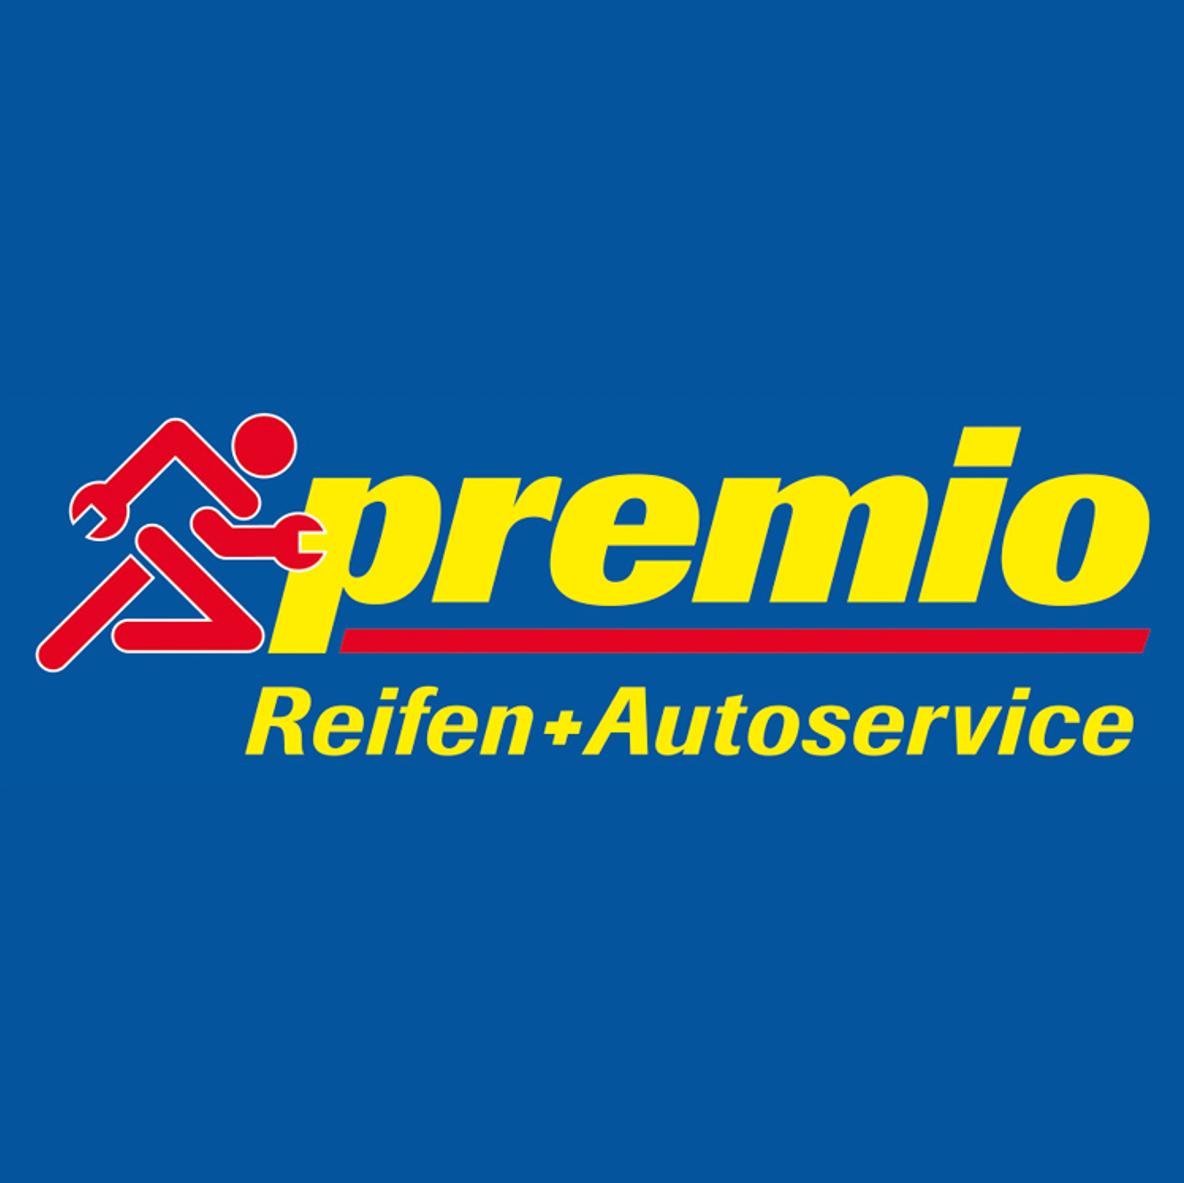 Premio Reifen + Autoservice Jörg Leskien GmbH